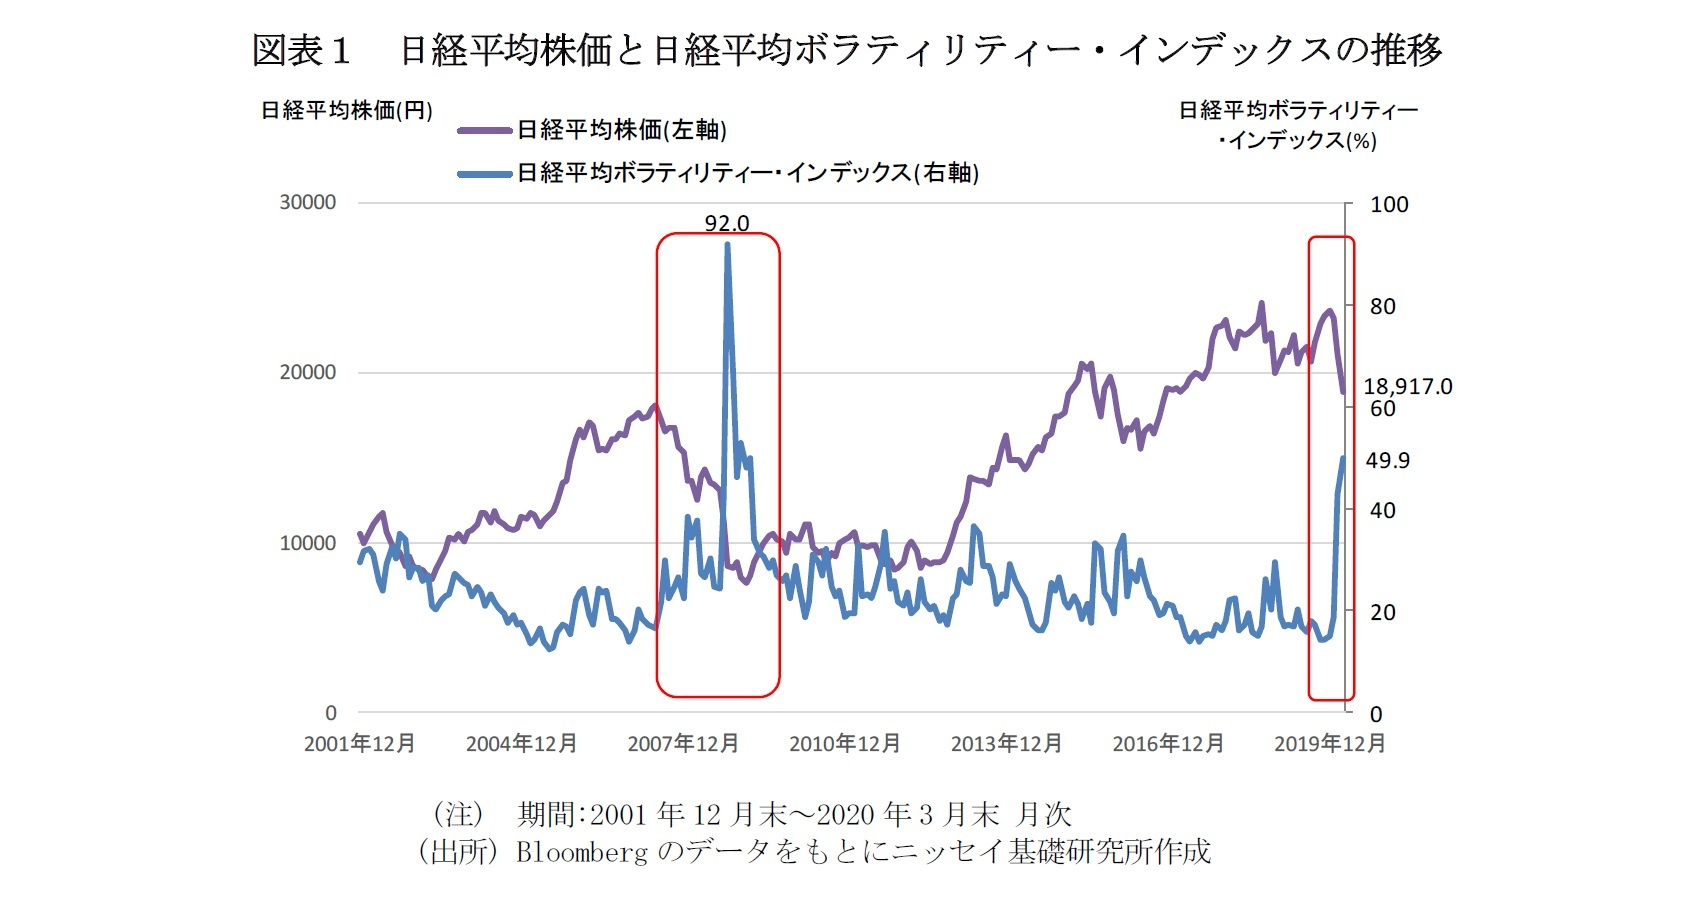 図表1 日経平均株価と日経平均ボラティリティー・インデックスの推移